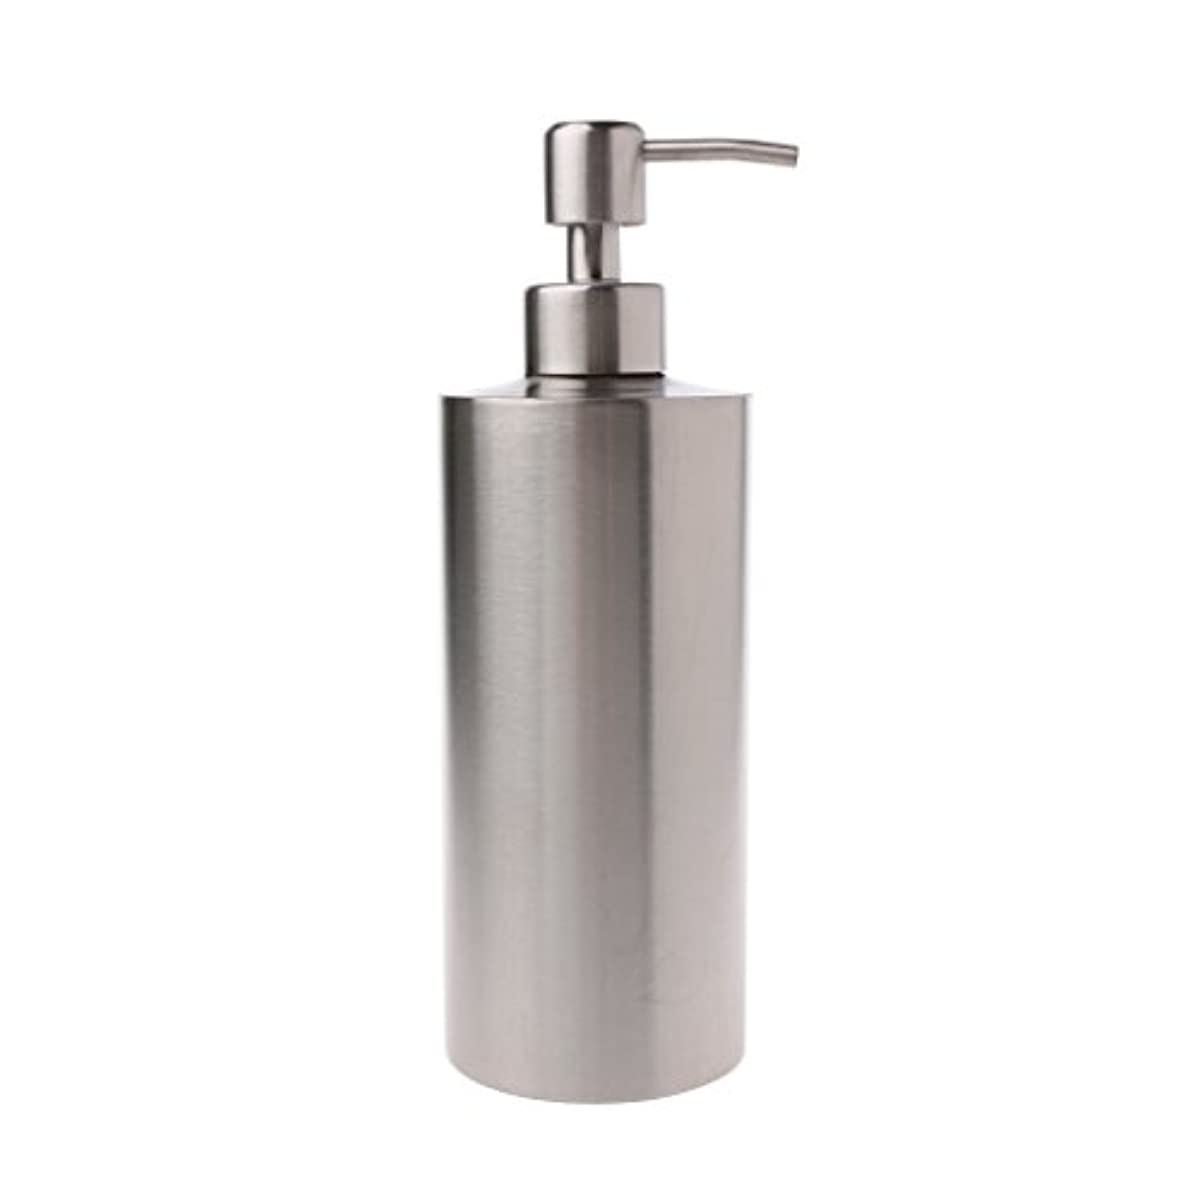 詩ツーリスト却下するLamdoo 304ステンレス鋼ポンプ液体石鹸ローションディスペンサーボトルキッチンバスルーム